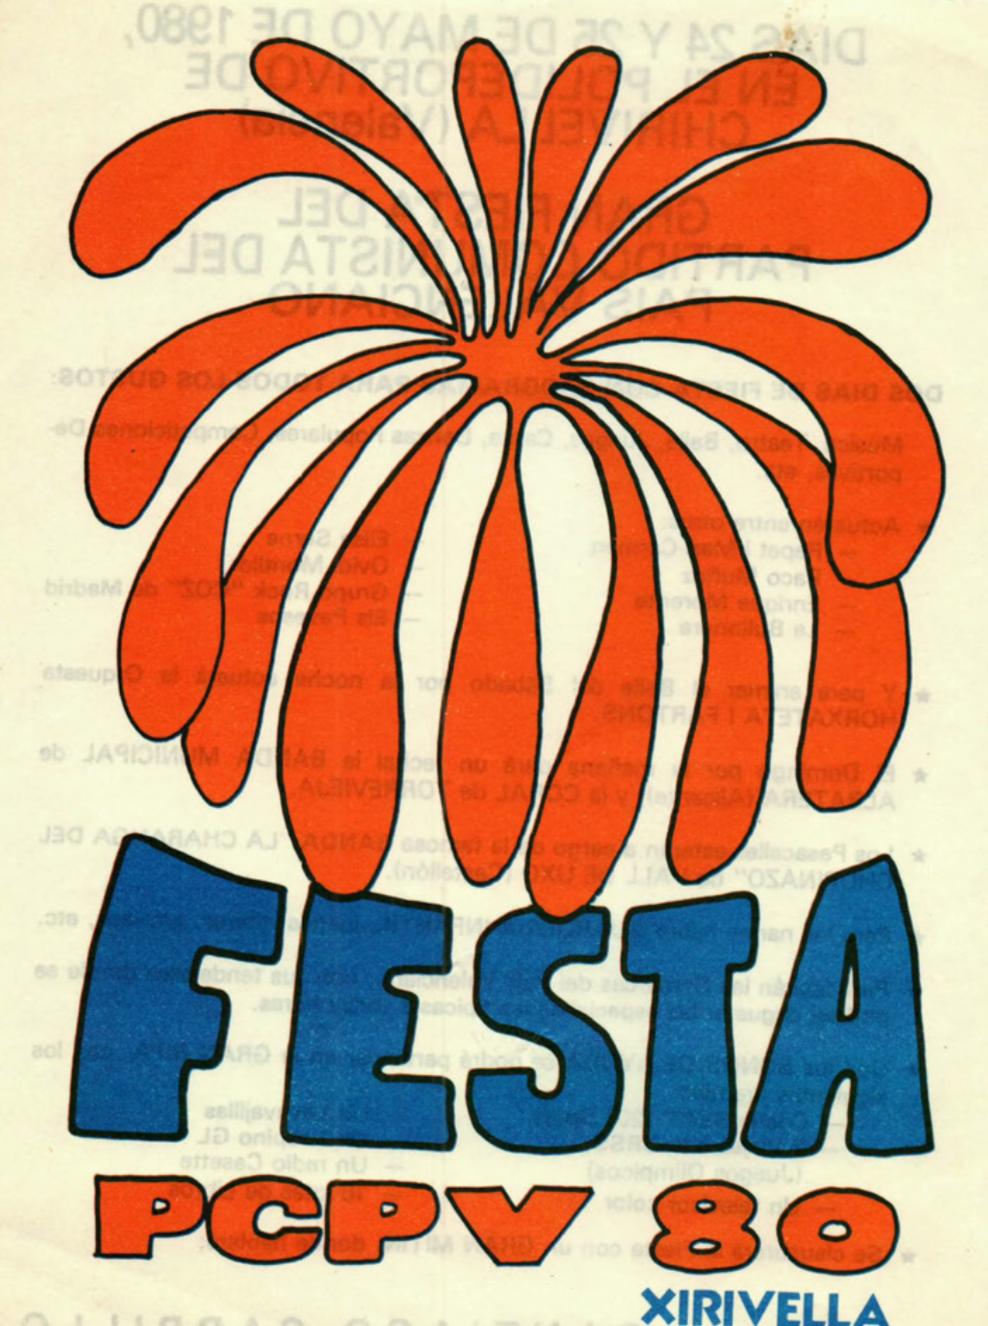 1980 Pavesos Festa PCPV Xirivella